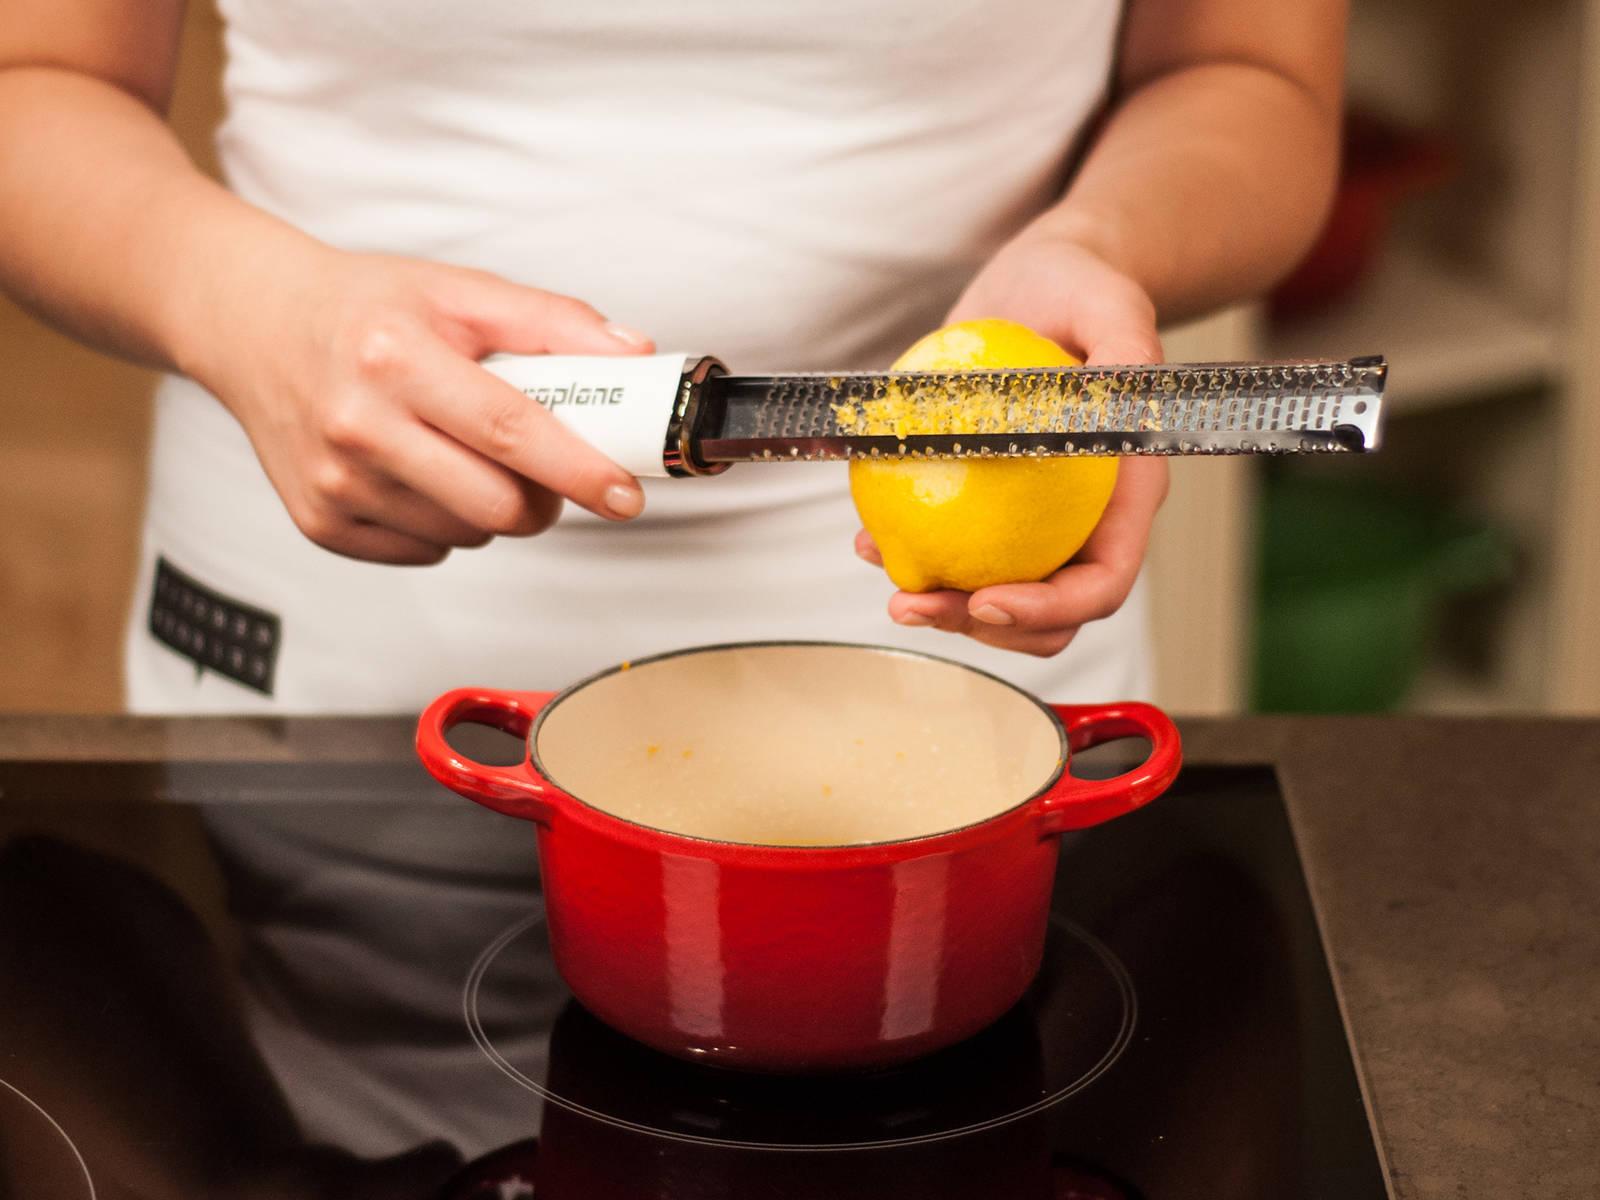 将烤箱预热至 190°C/375°F。在小锅中用中火融化黄油、蜂蜜和糖,并不时搅拌,以免烧焦。将橙子和柠檬皮碎撒入锅中,加入一撮盐,并搅拌均匀。停止加热。